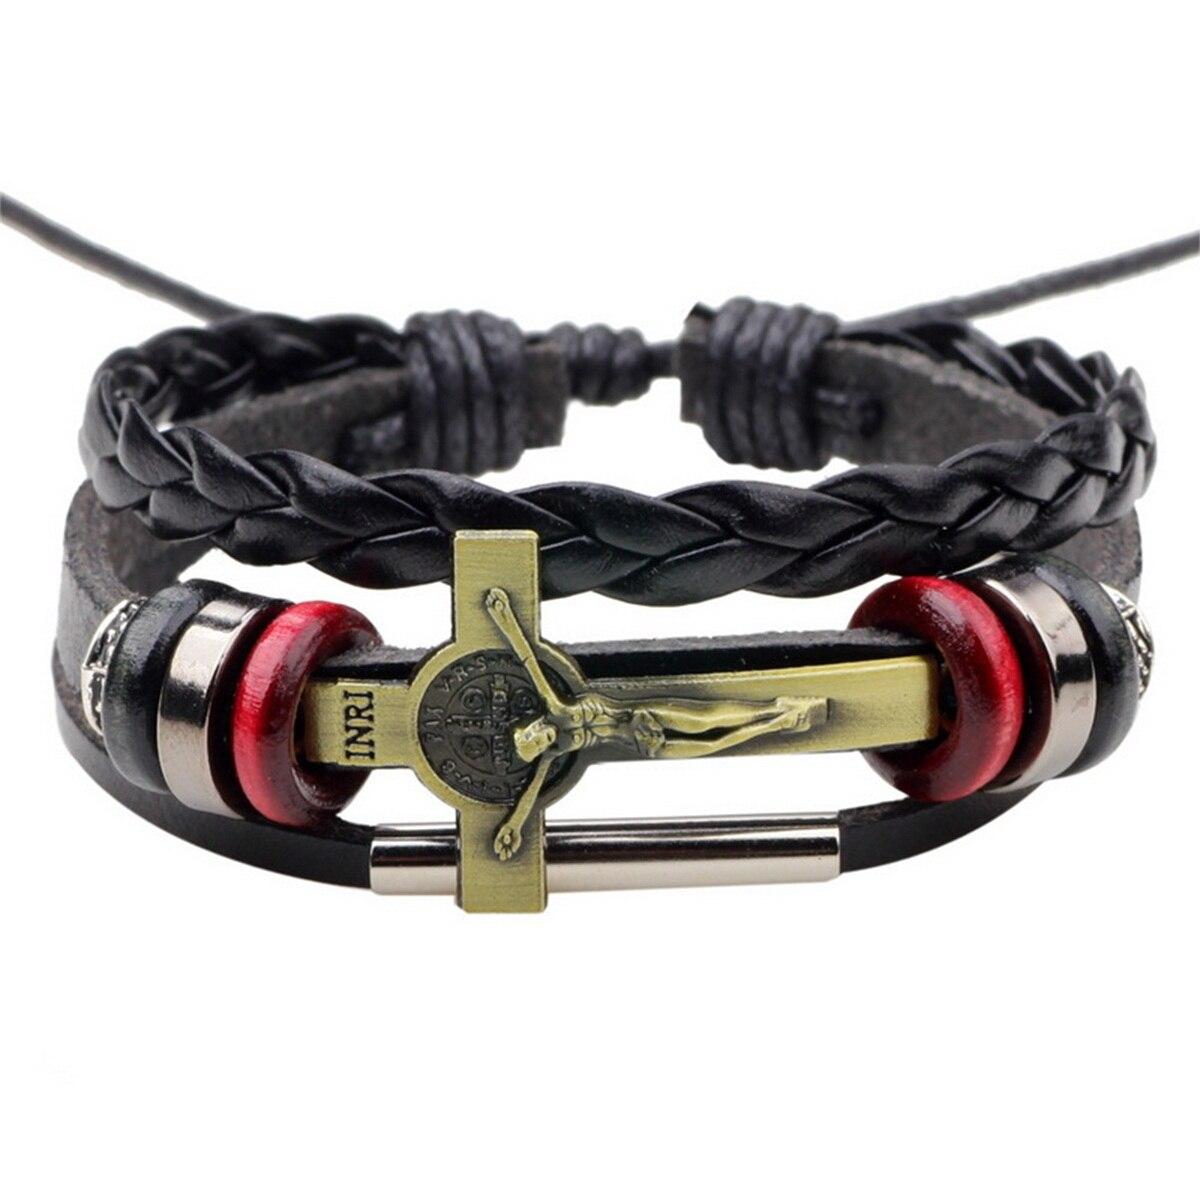 Multilayer Bracelet Men Casual Fashion Braided Leather Bracelets For Women Jesus Cross Bracelet Punk Rock Men Jewelry 2020